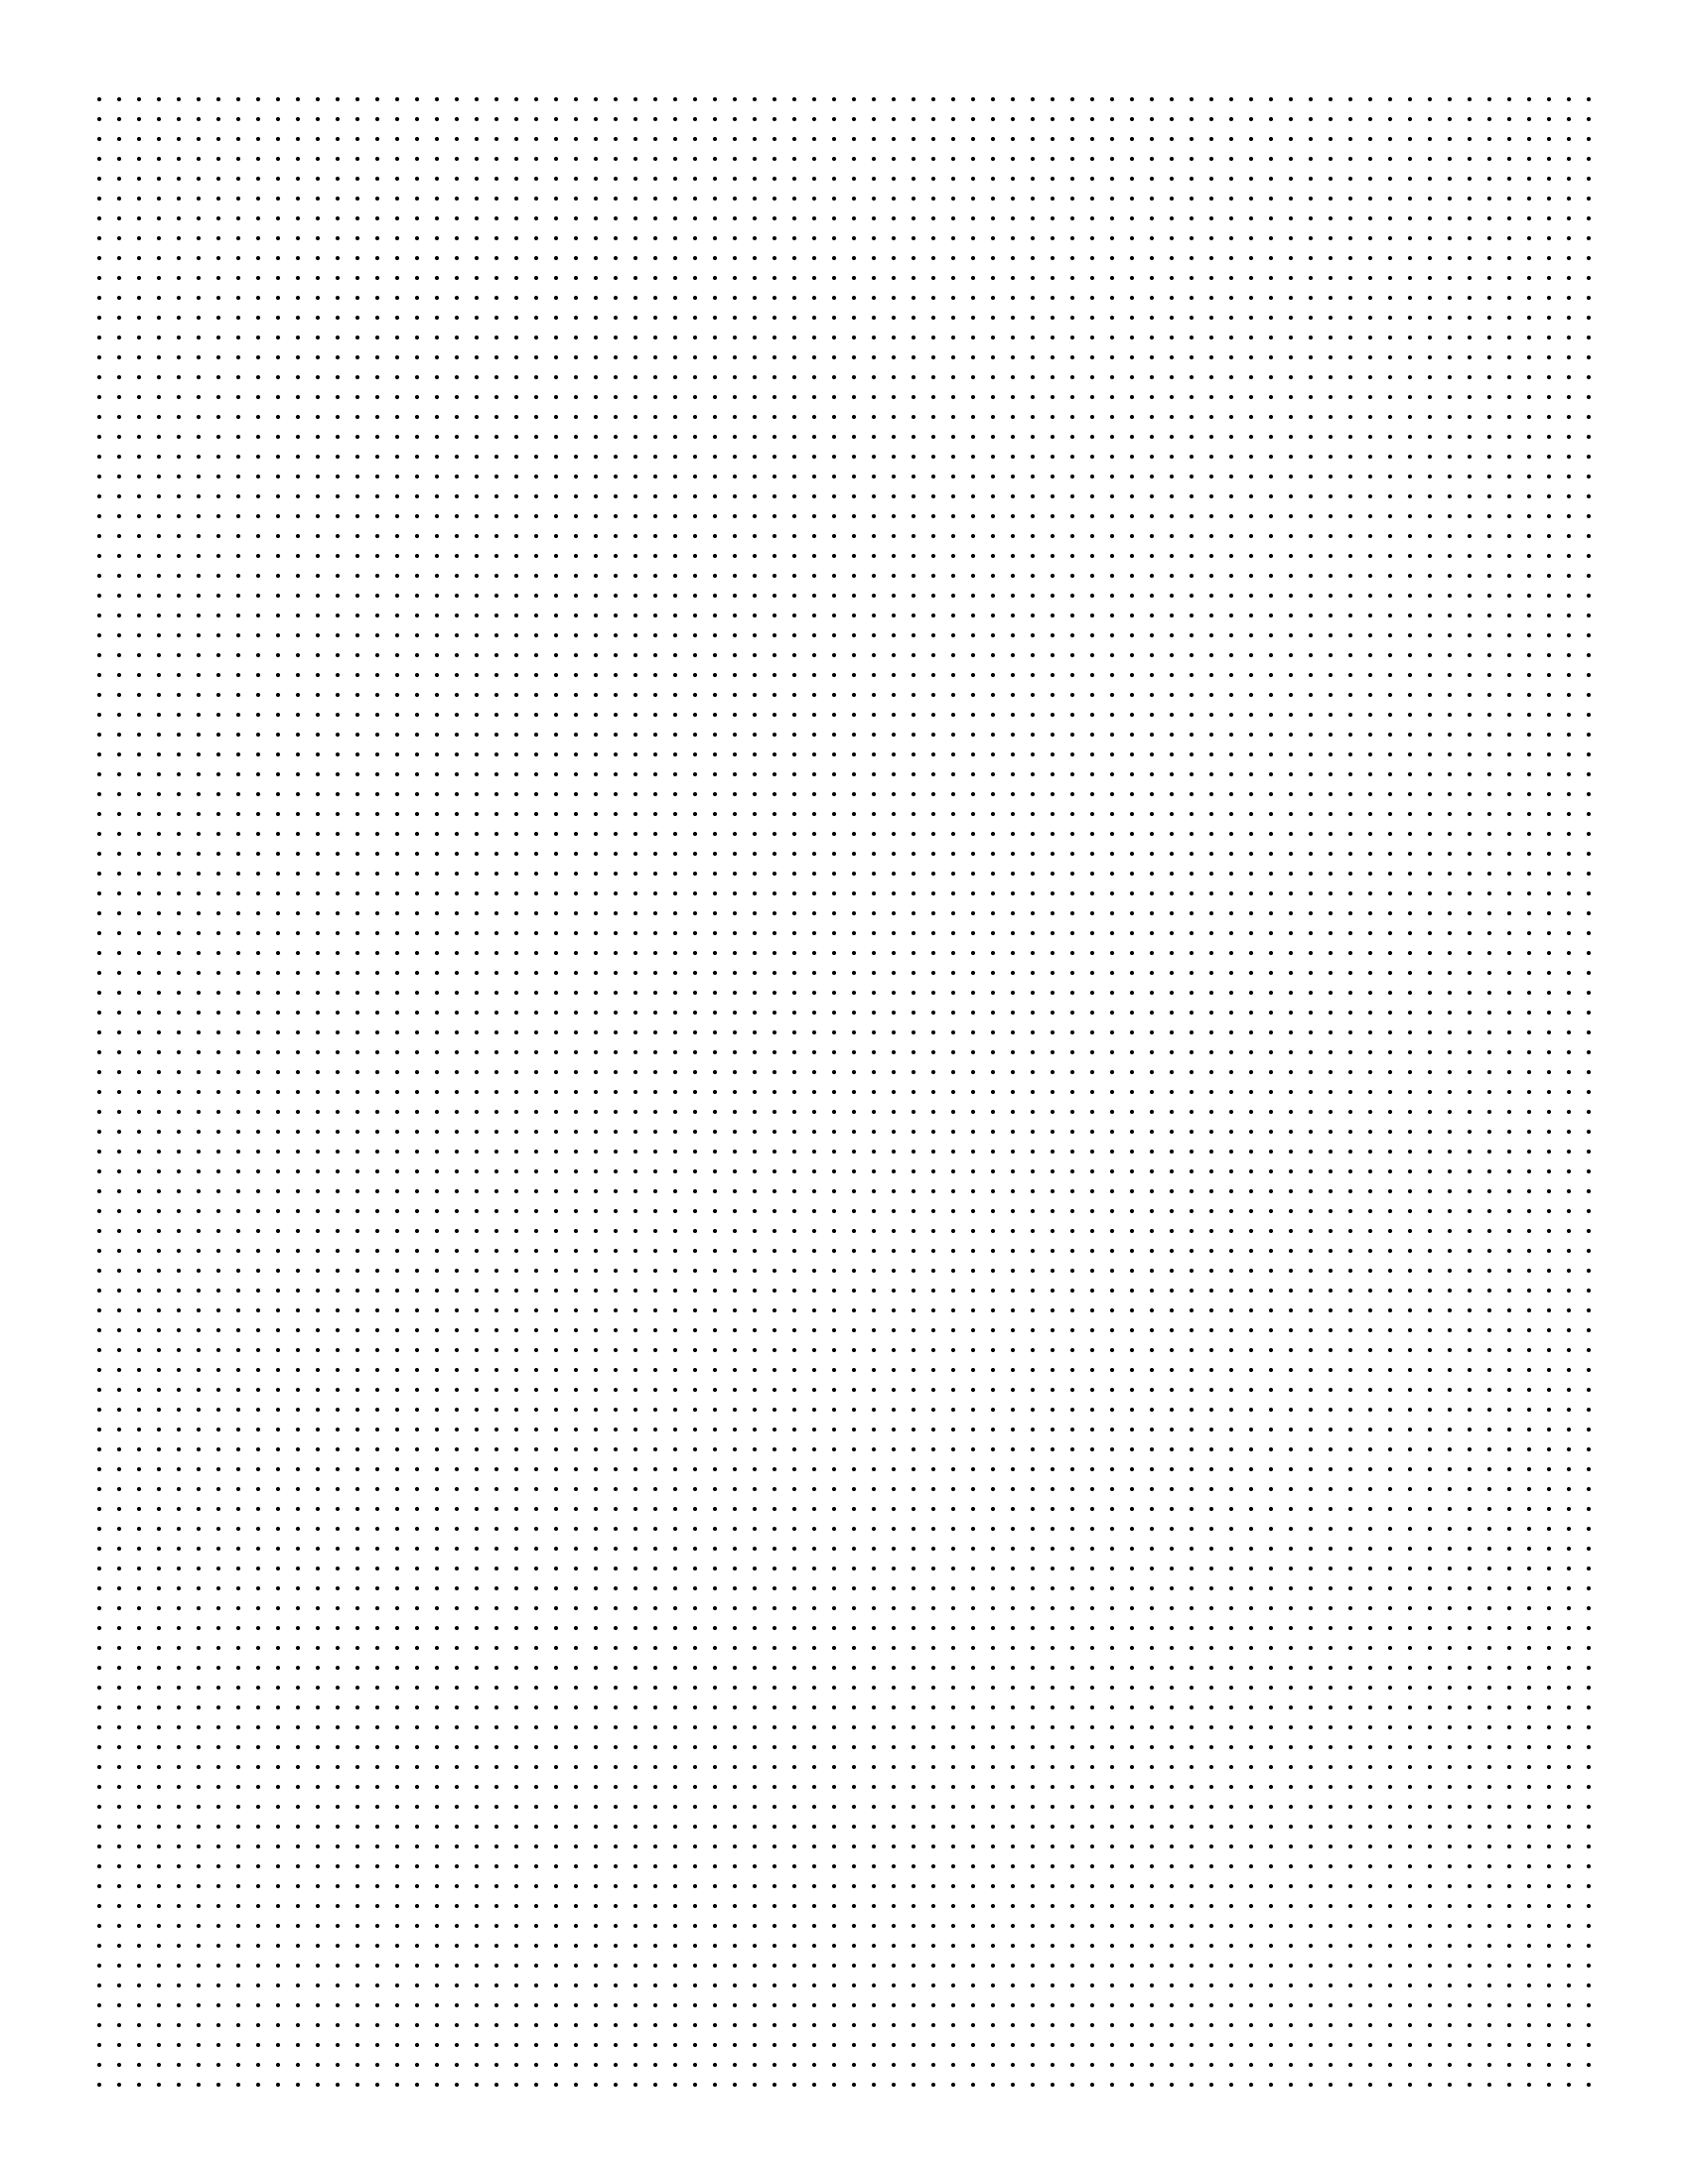 Dot Grid Vector At Vectorified